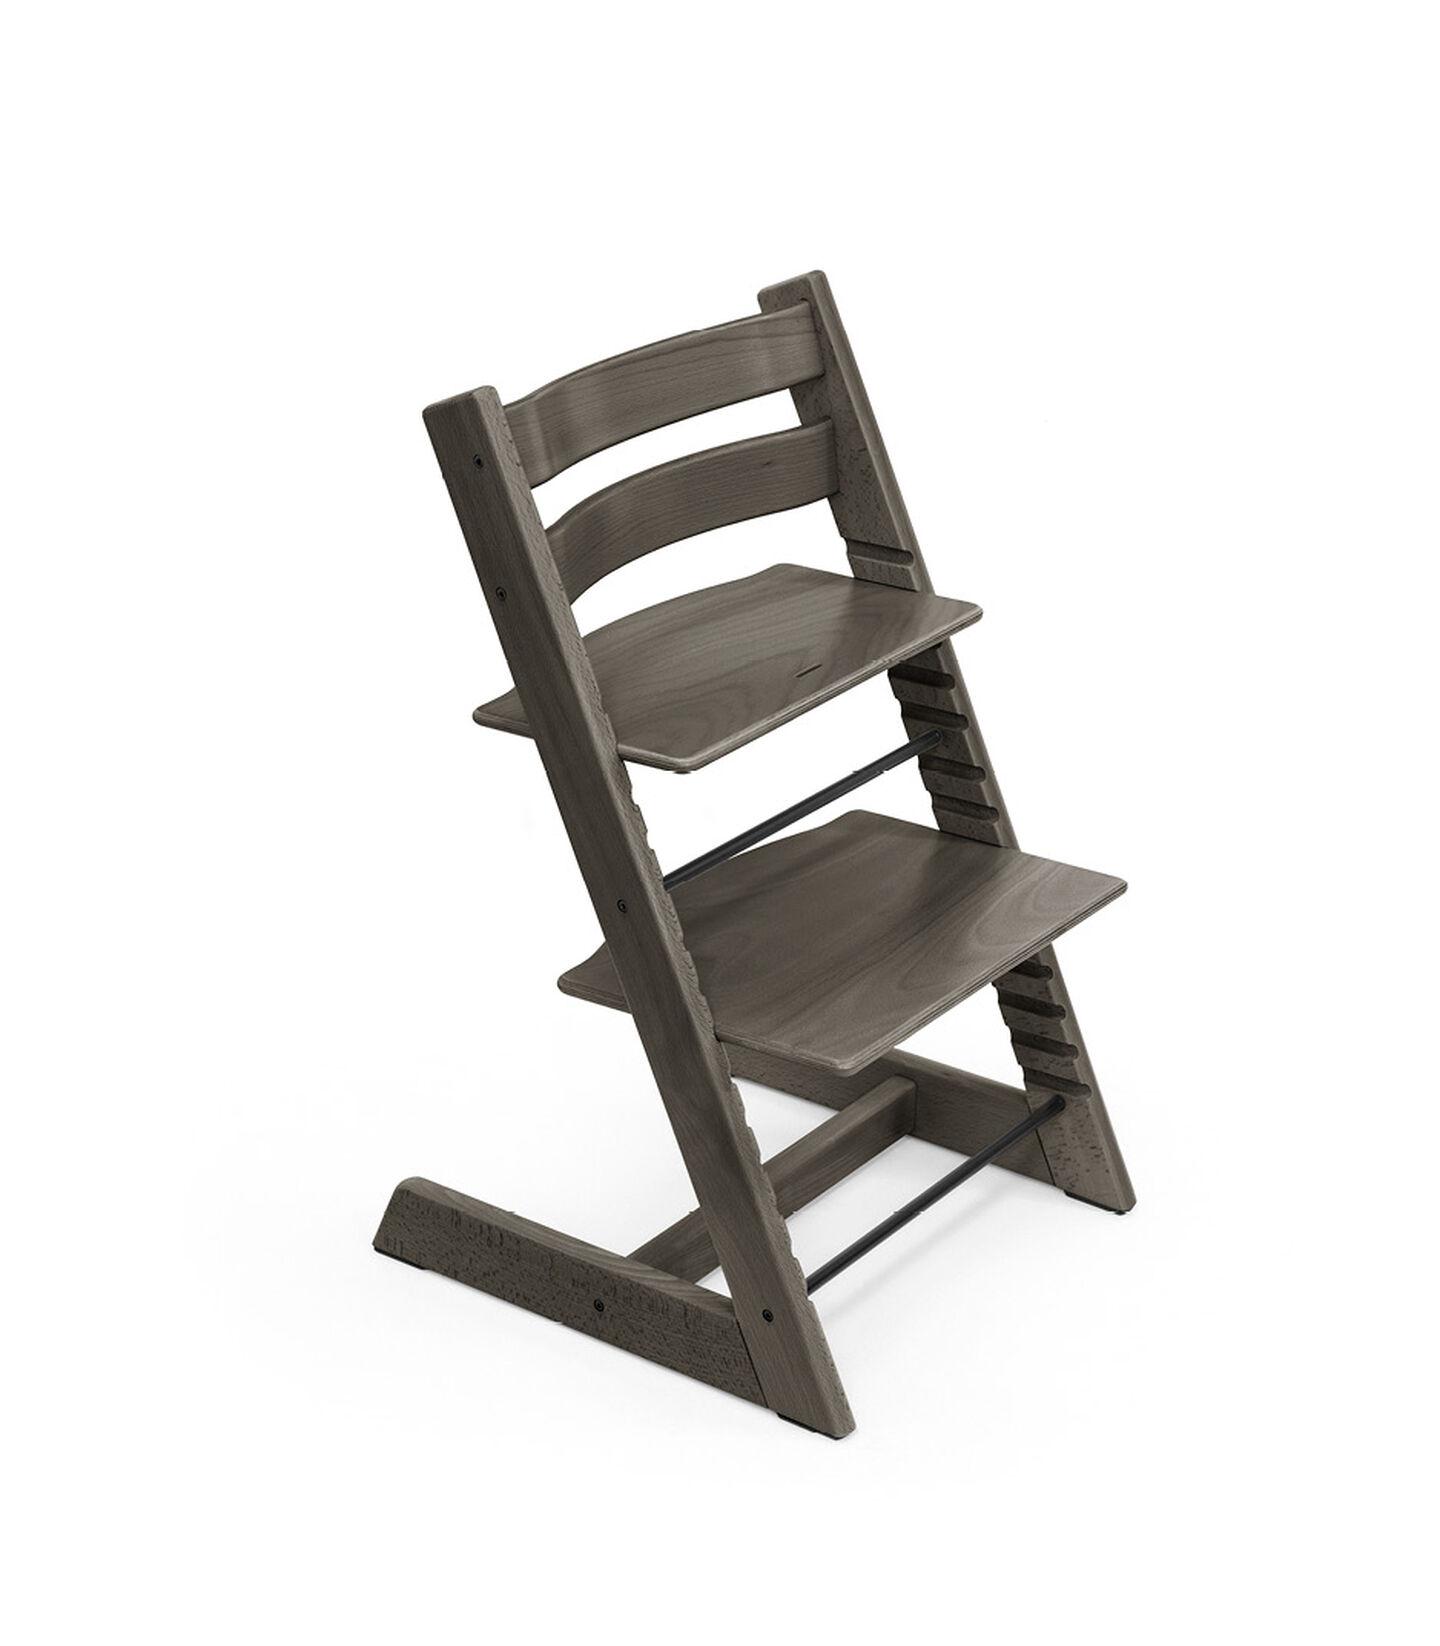 Krzesło Tripp Trapp® Hazy Grey, Hazy Grey, mainview view 1